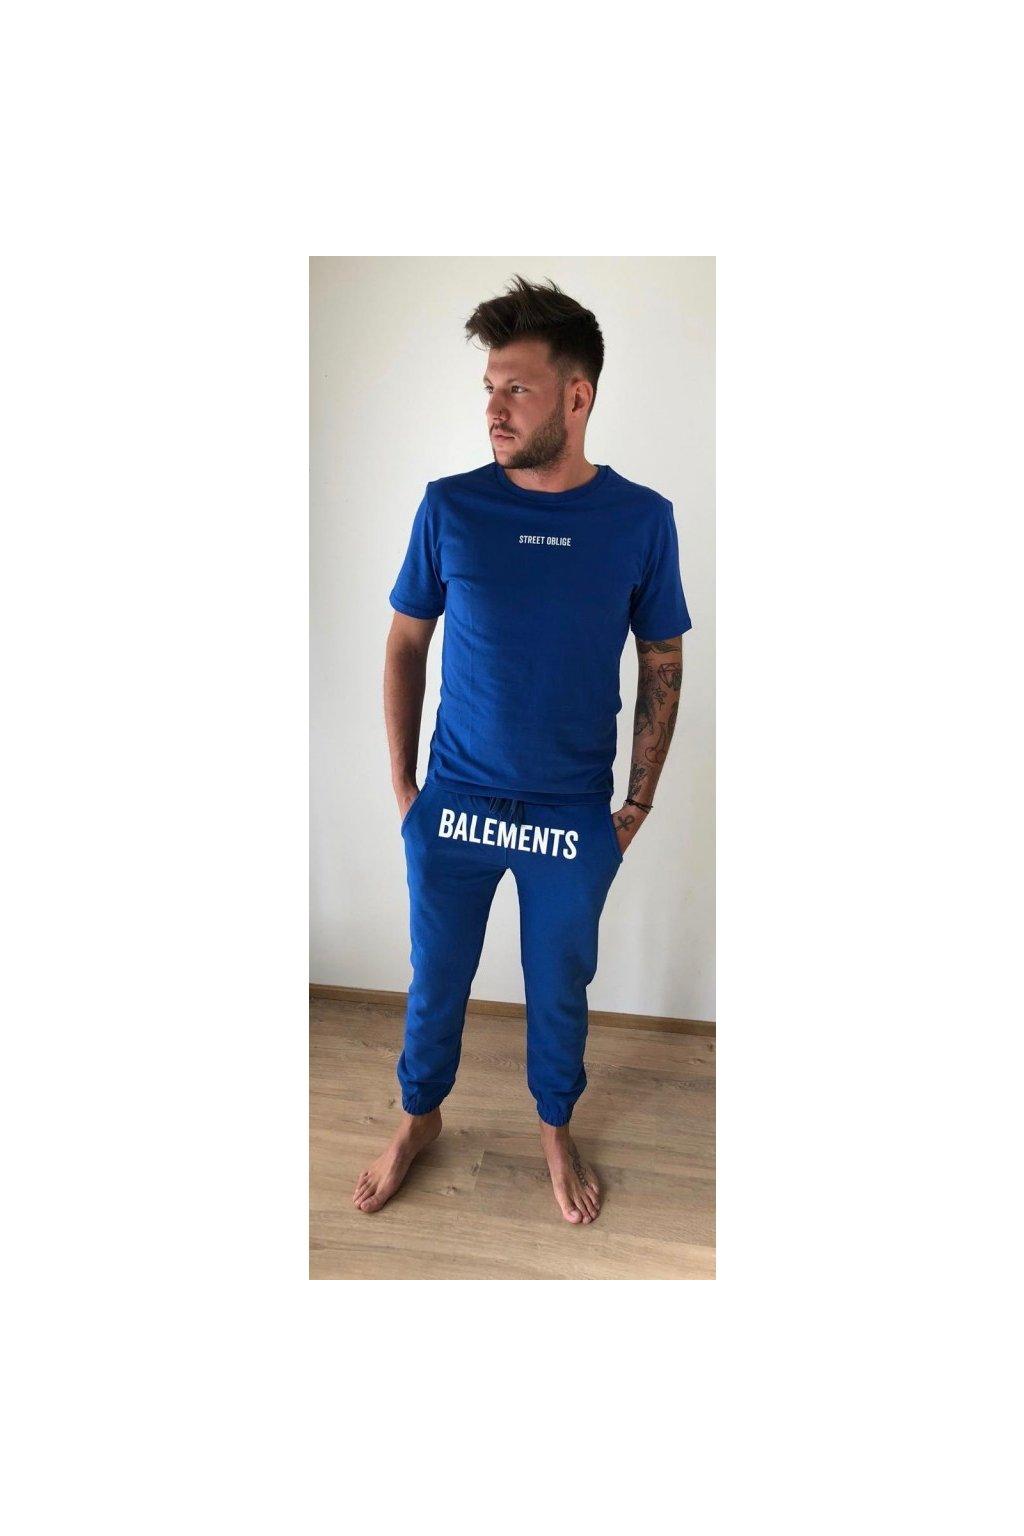 Tepláky Balements - modré (Velikost Velikost L)